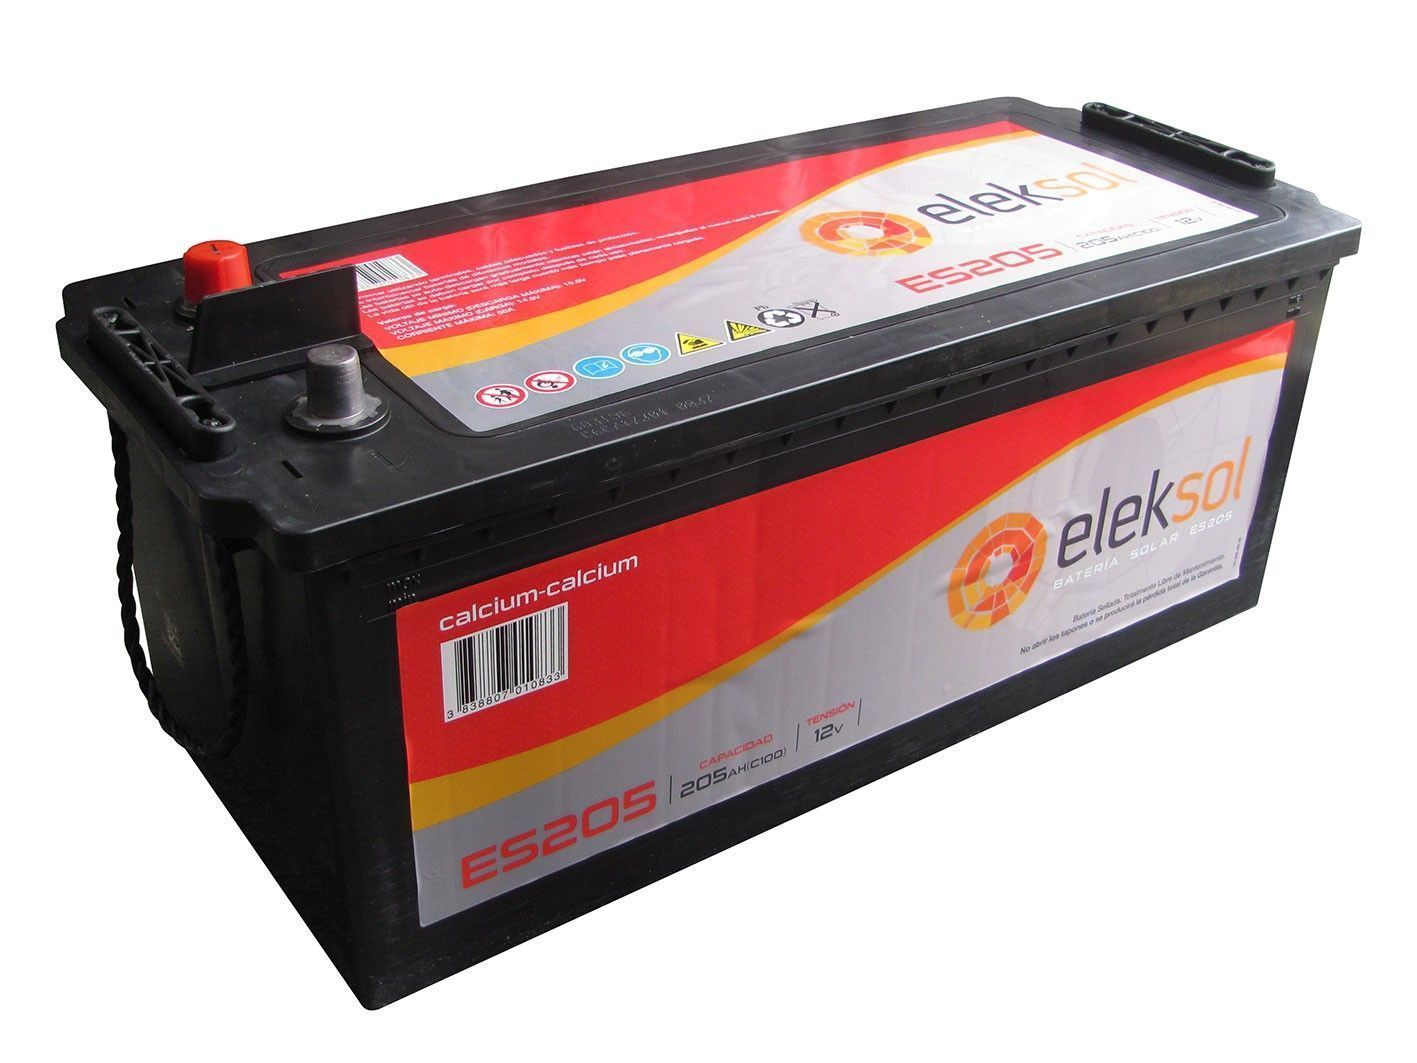 Batería solar ELEKSOL ES205 (Sin mantenimiento) 12V - 205Ah /C100